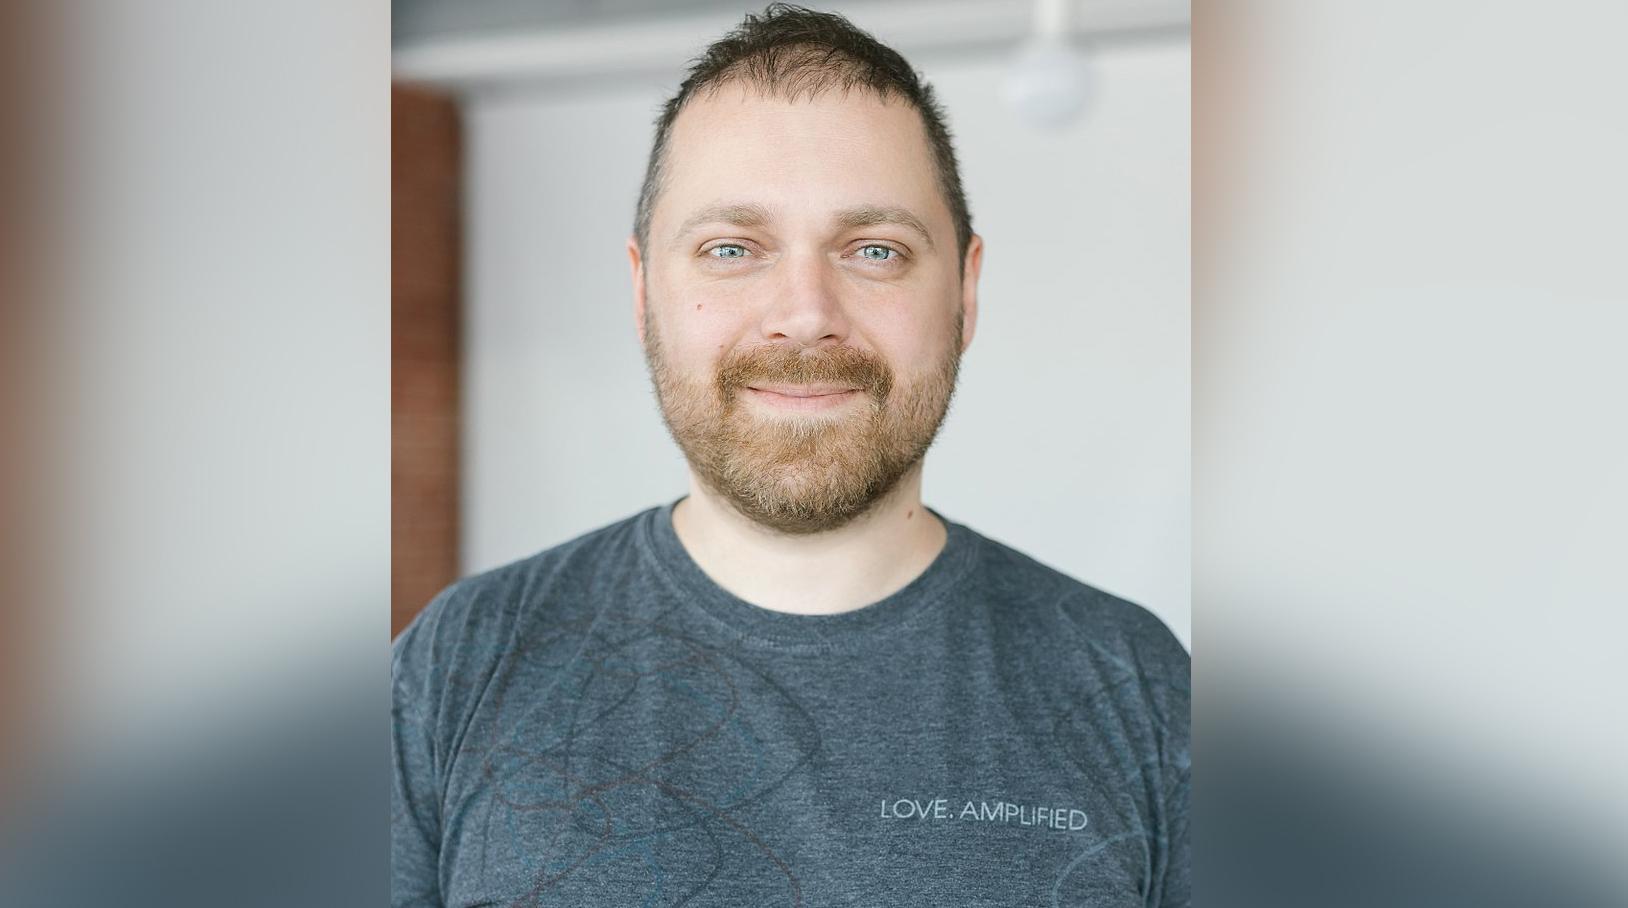 Основатель компании – разработчика MAPS.ME Юрий Мельничёк. Фото © Wikipedia